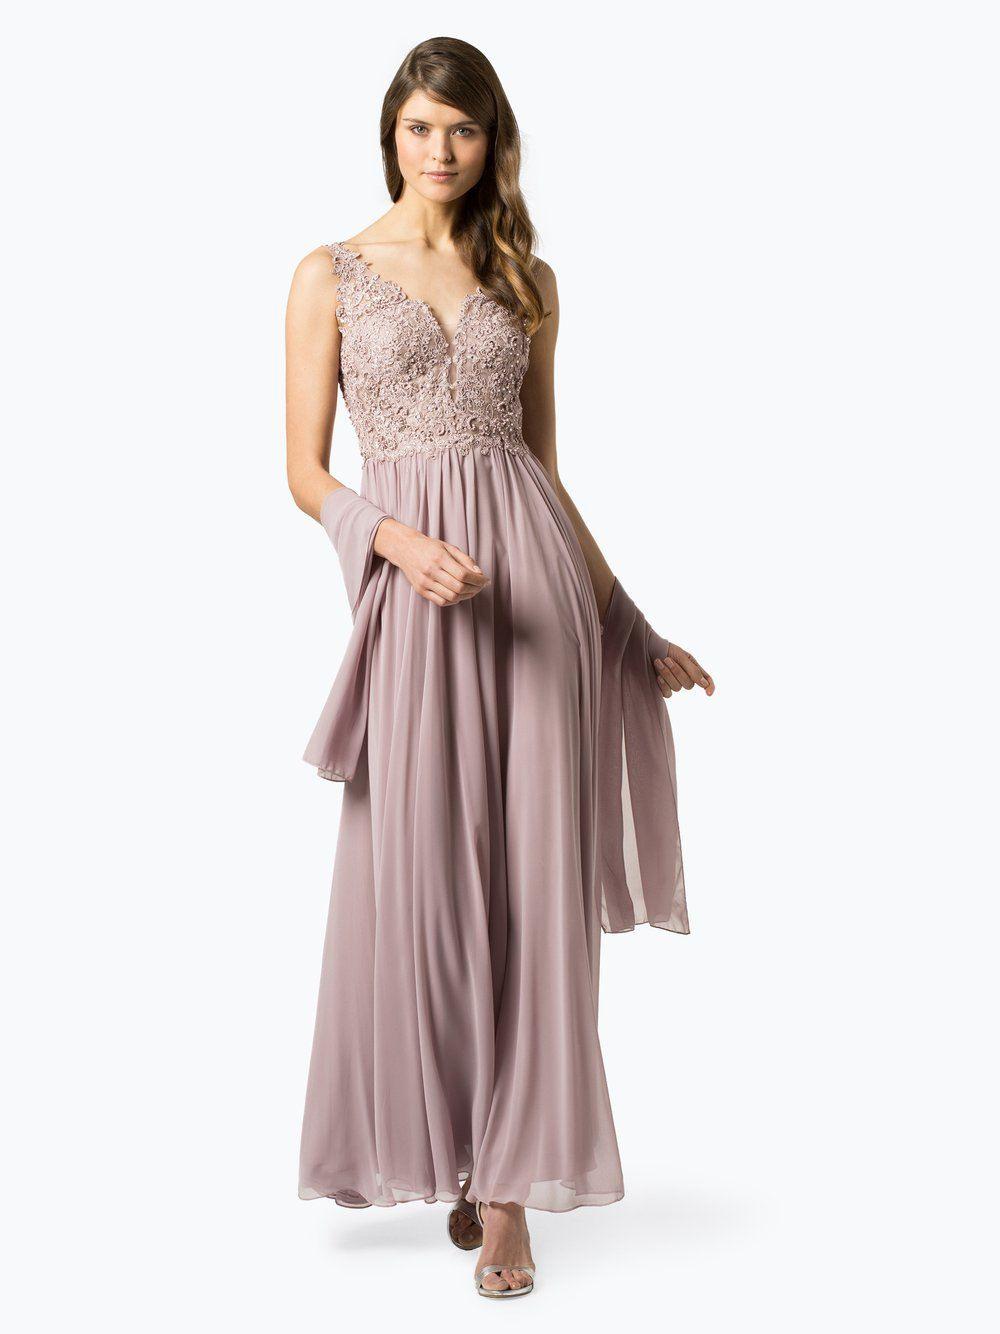 20 Leicht Abend Kleid Auf Rechnung Galerie17 Perfekt Abend Kleid Auf Rechnung Bester Preis